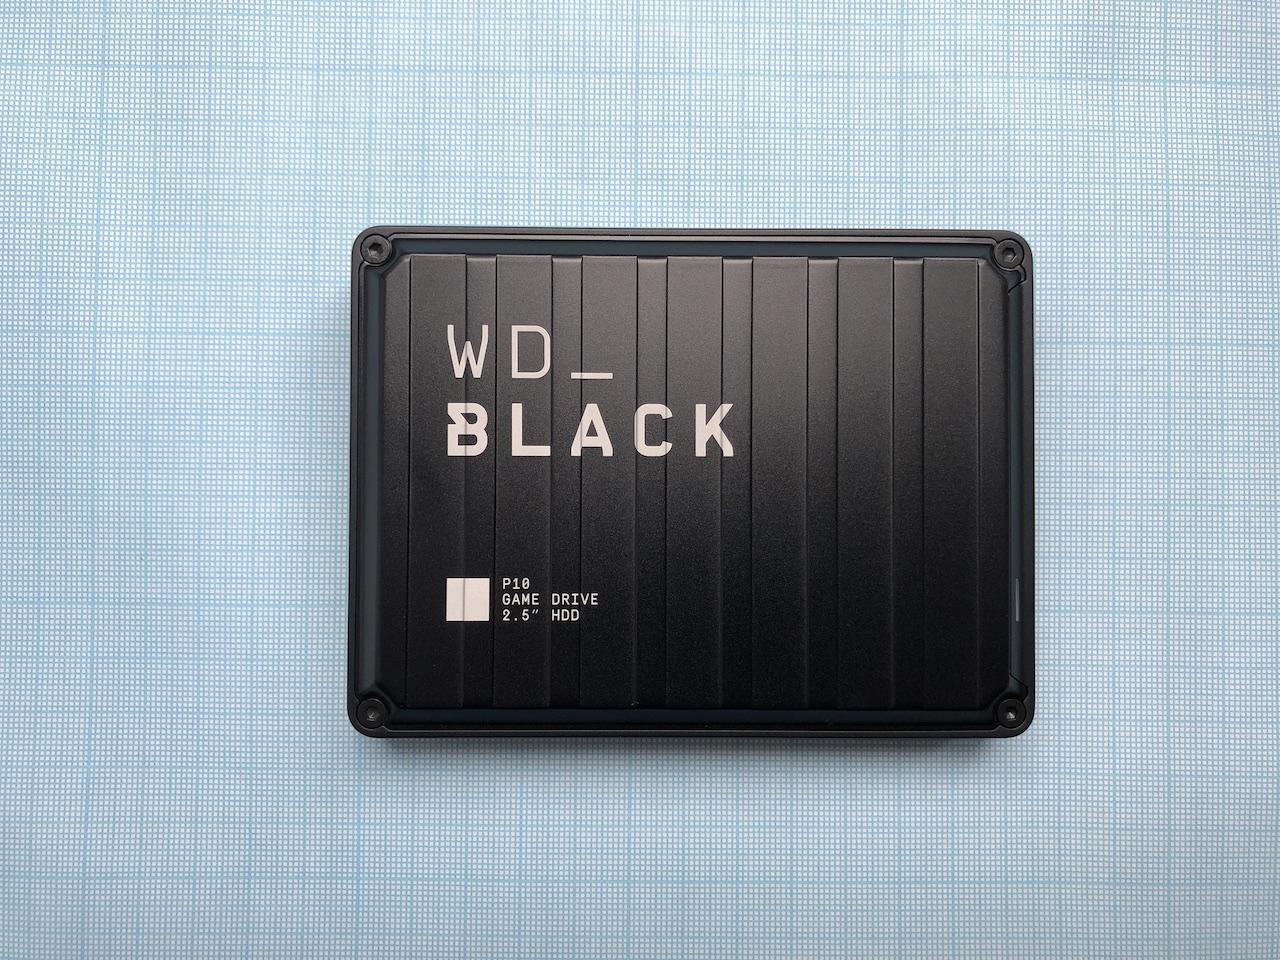 Обзор и тестирование WD Black P10 Game Drive 5 ТБ